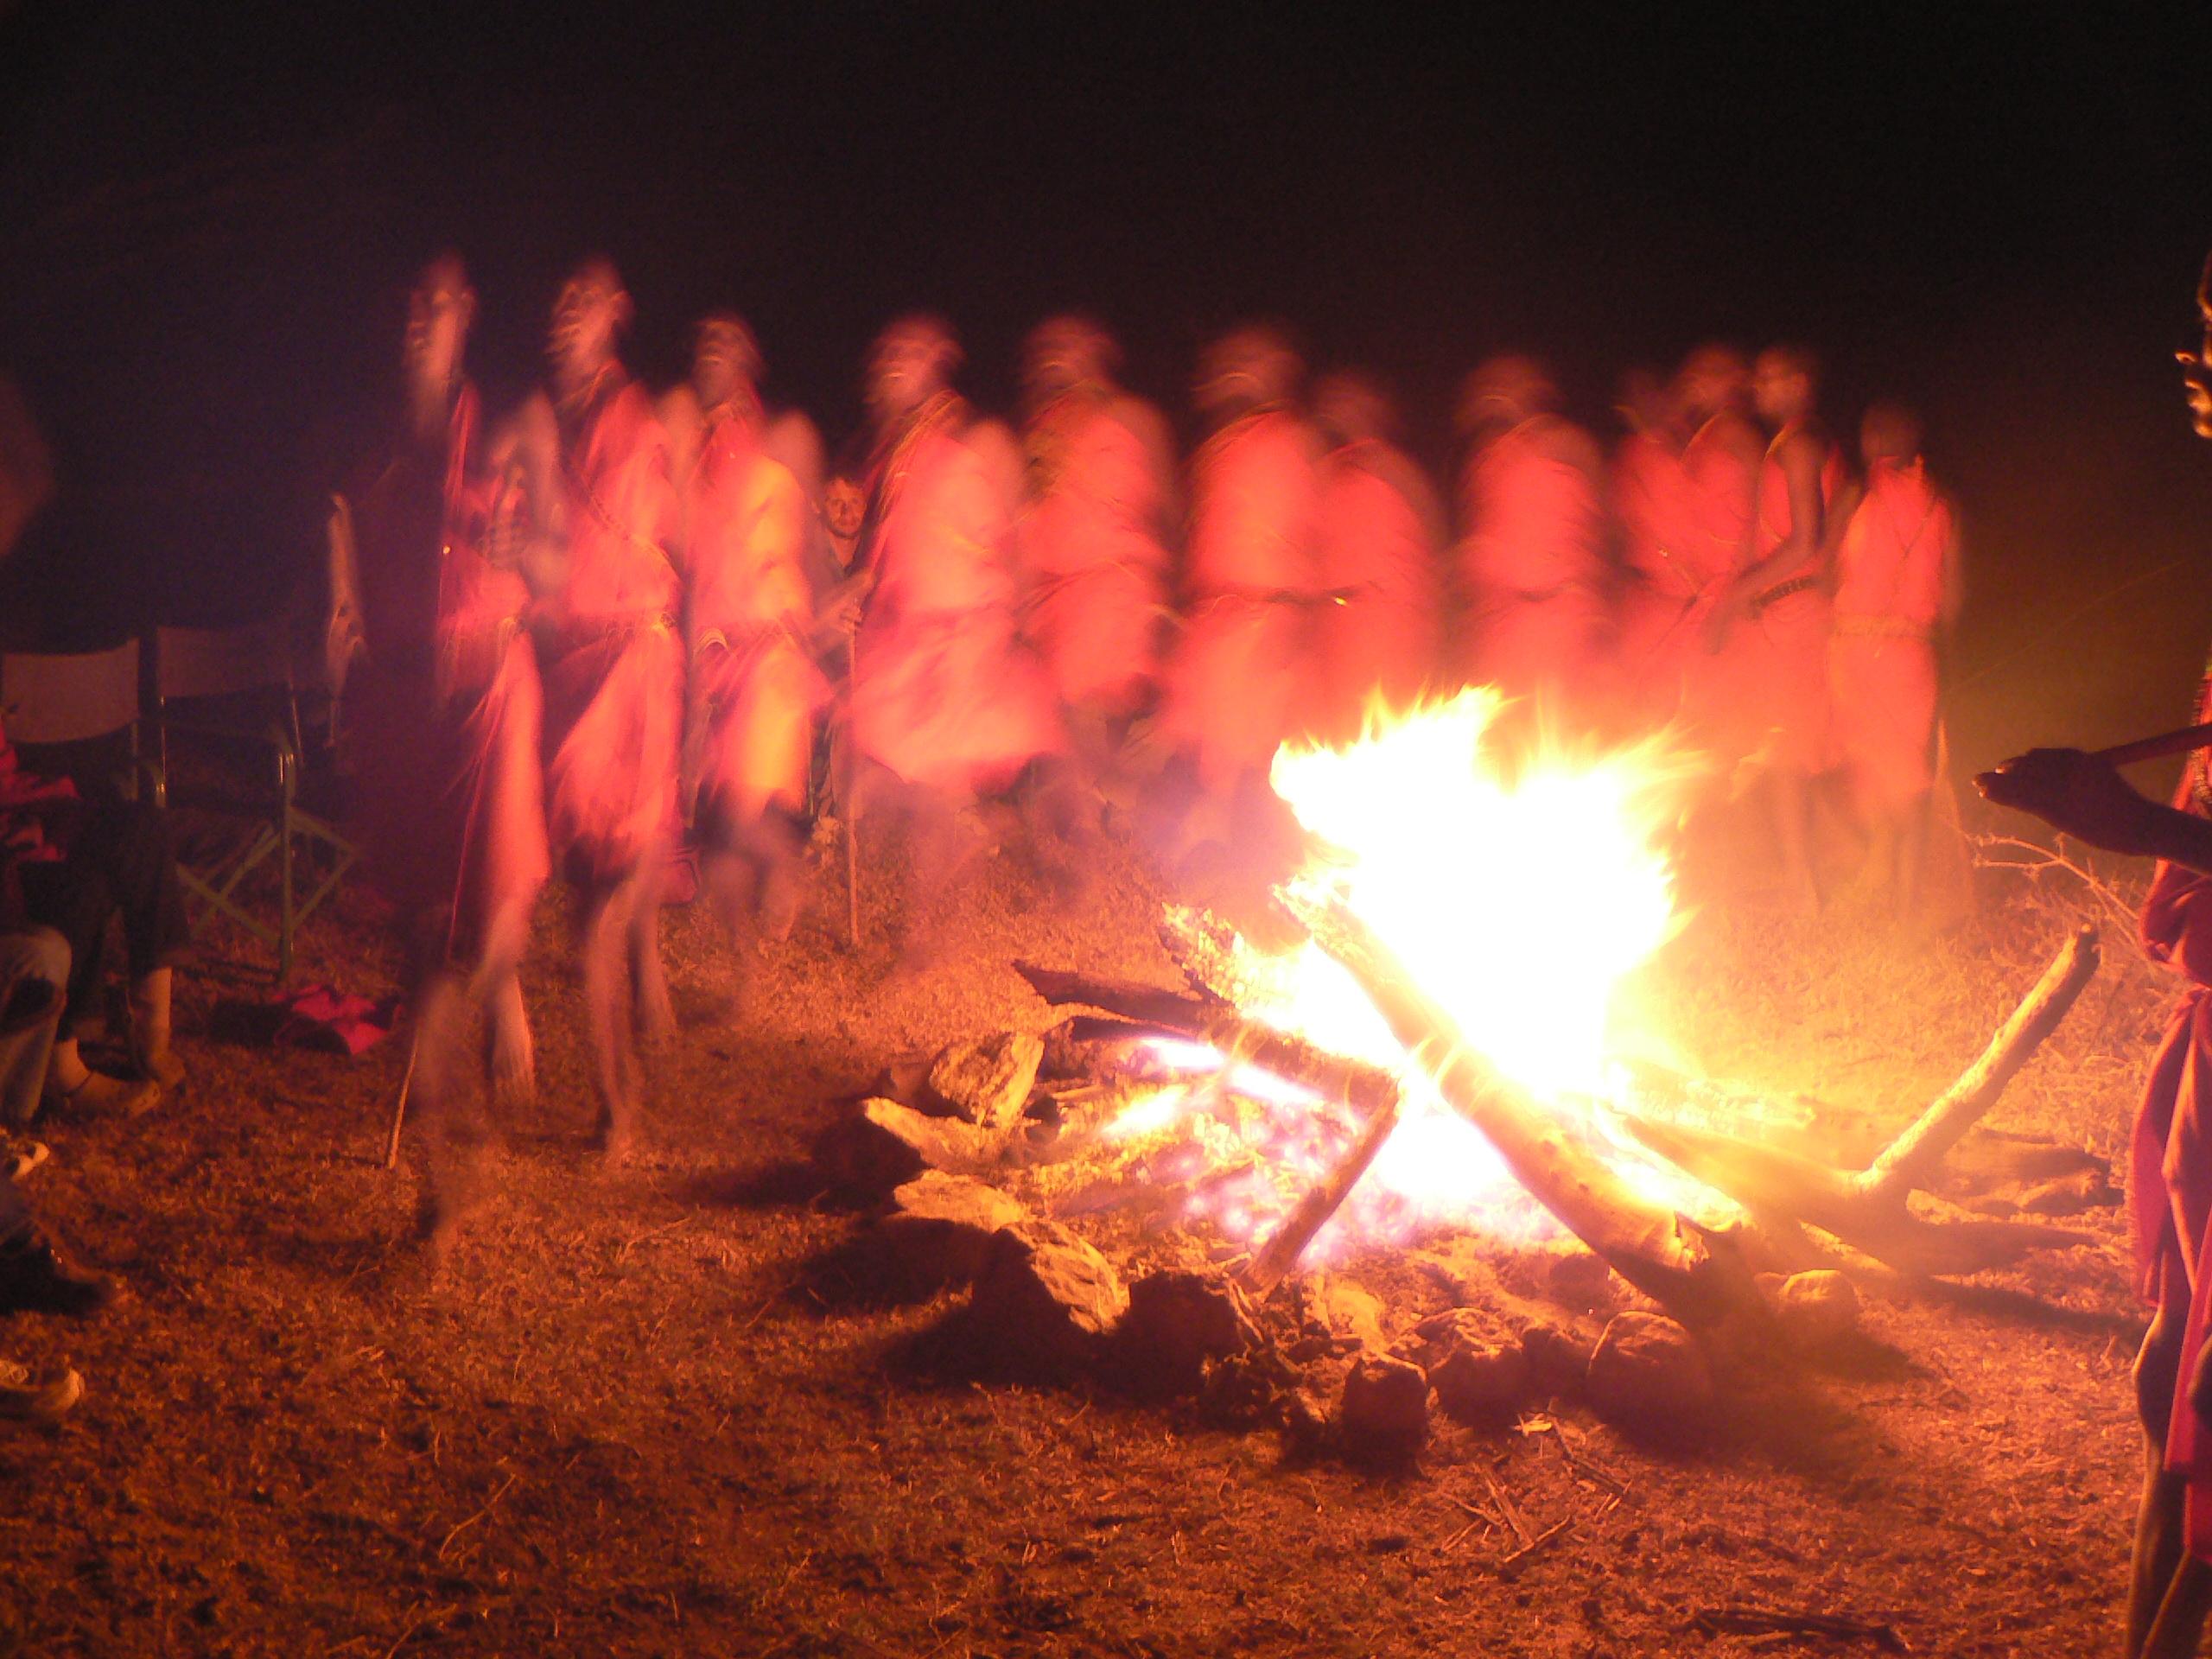 The dance of Olokirisiai Valley